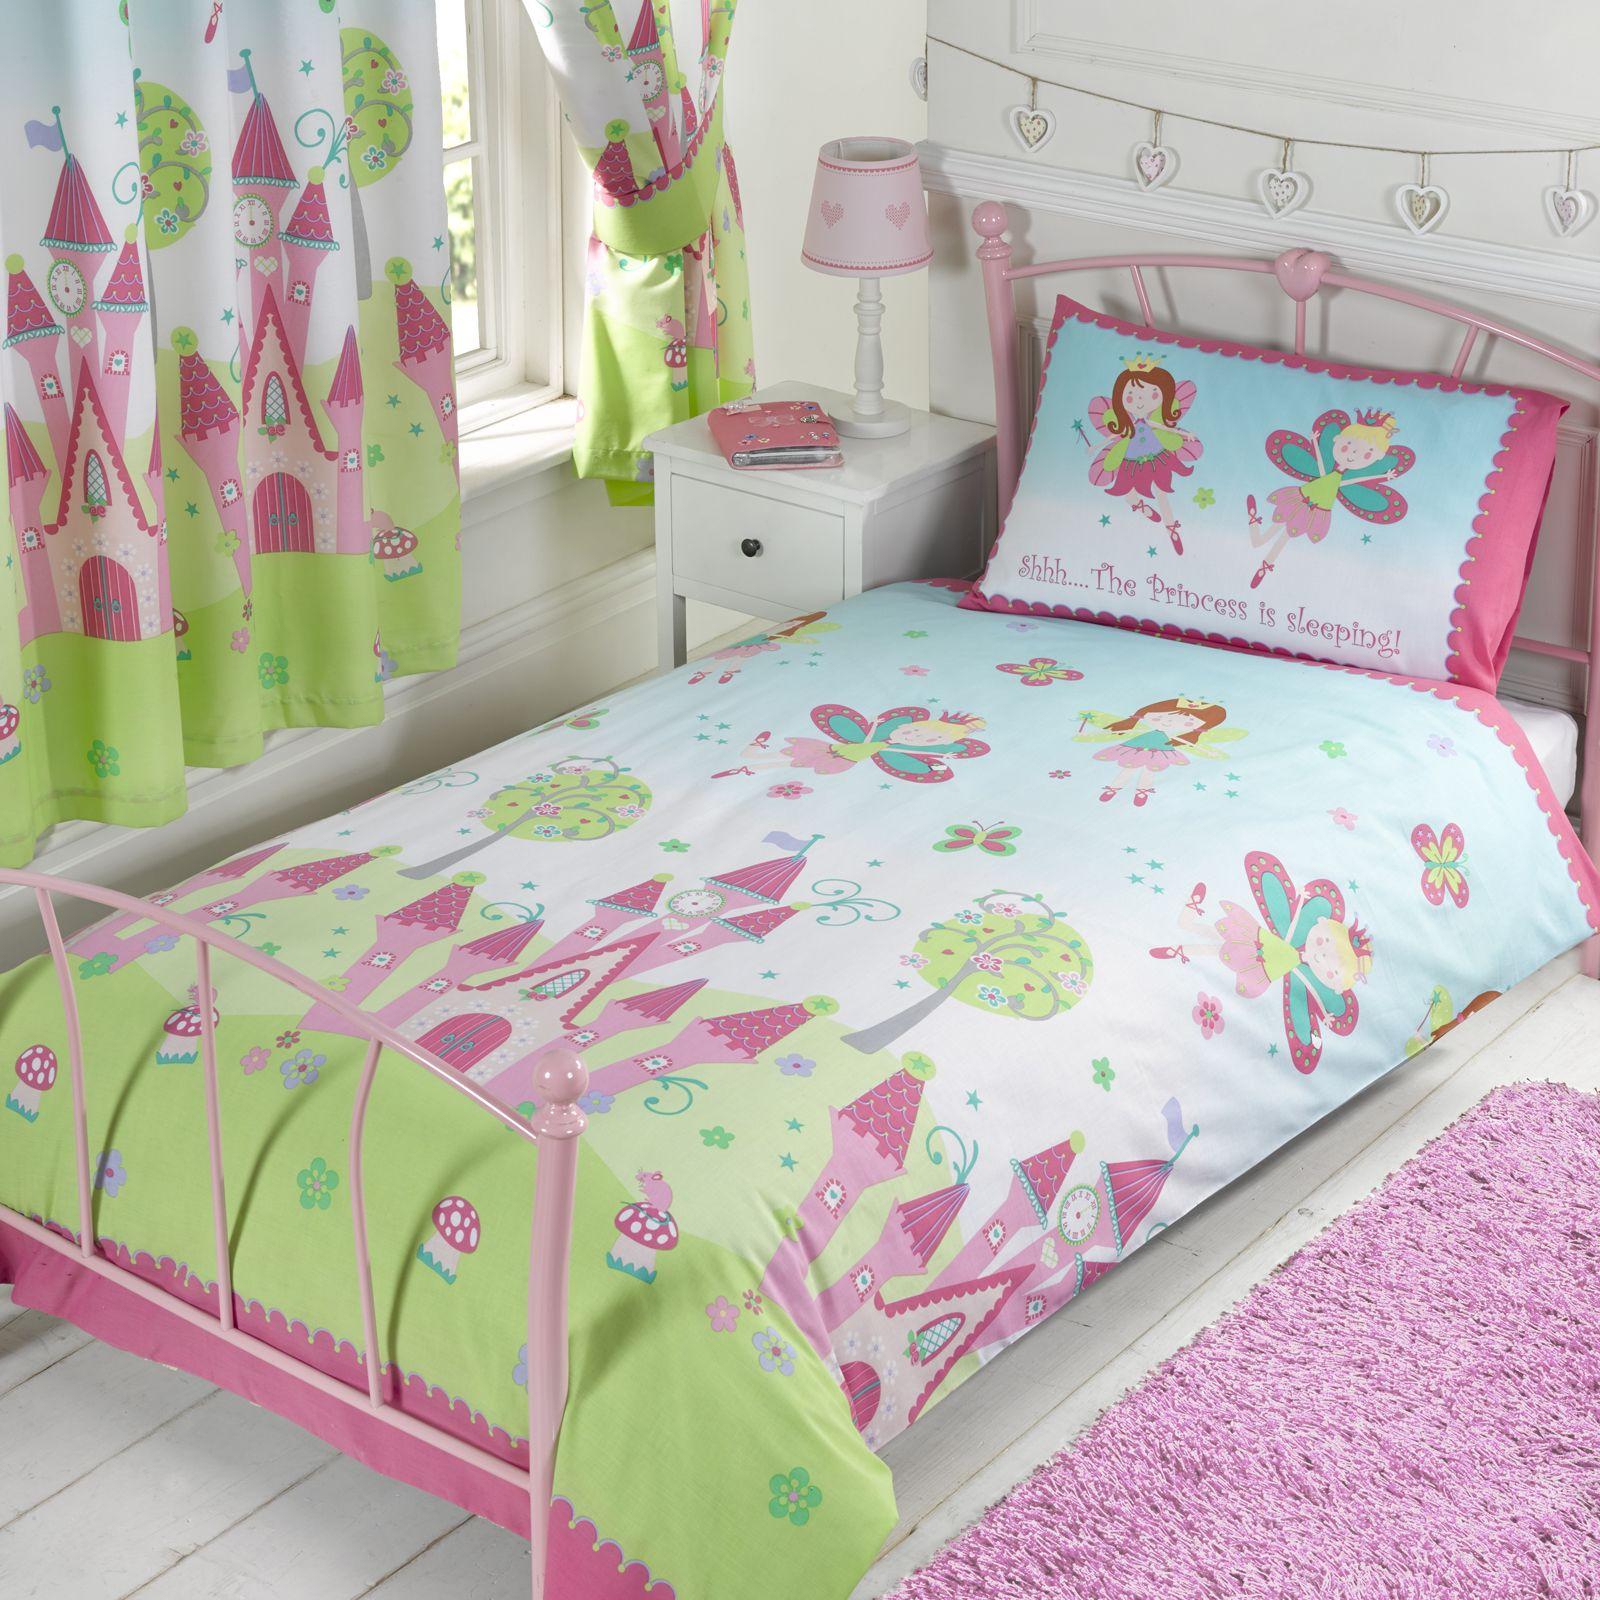 ensemble parure de lit enfant personnage disney housse couette 1 personne ebay. Black Bedroom Furniture Sets. Home Design Ideas